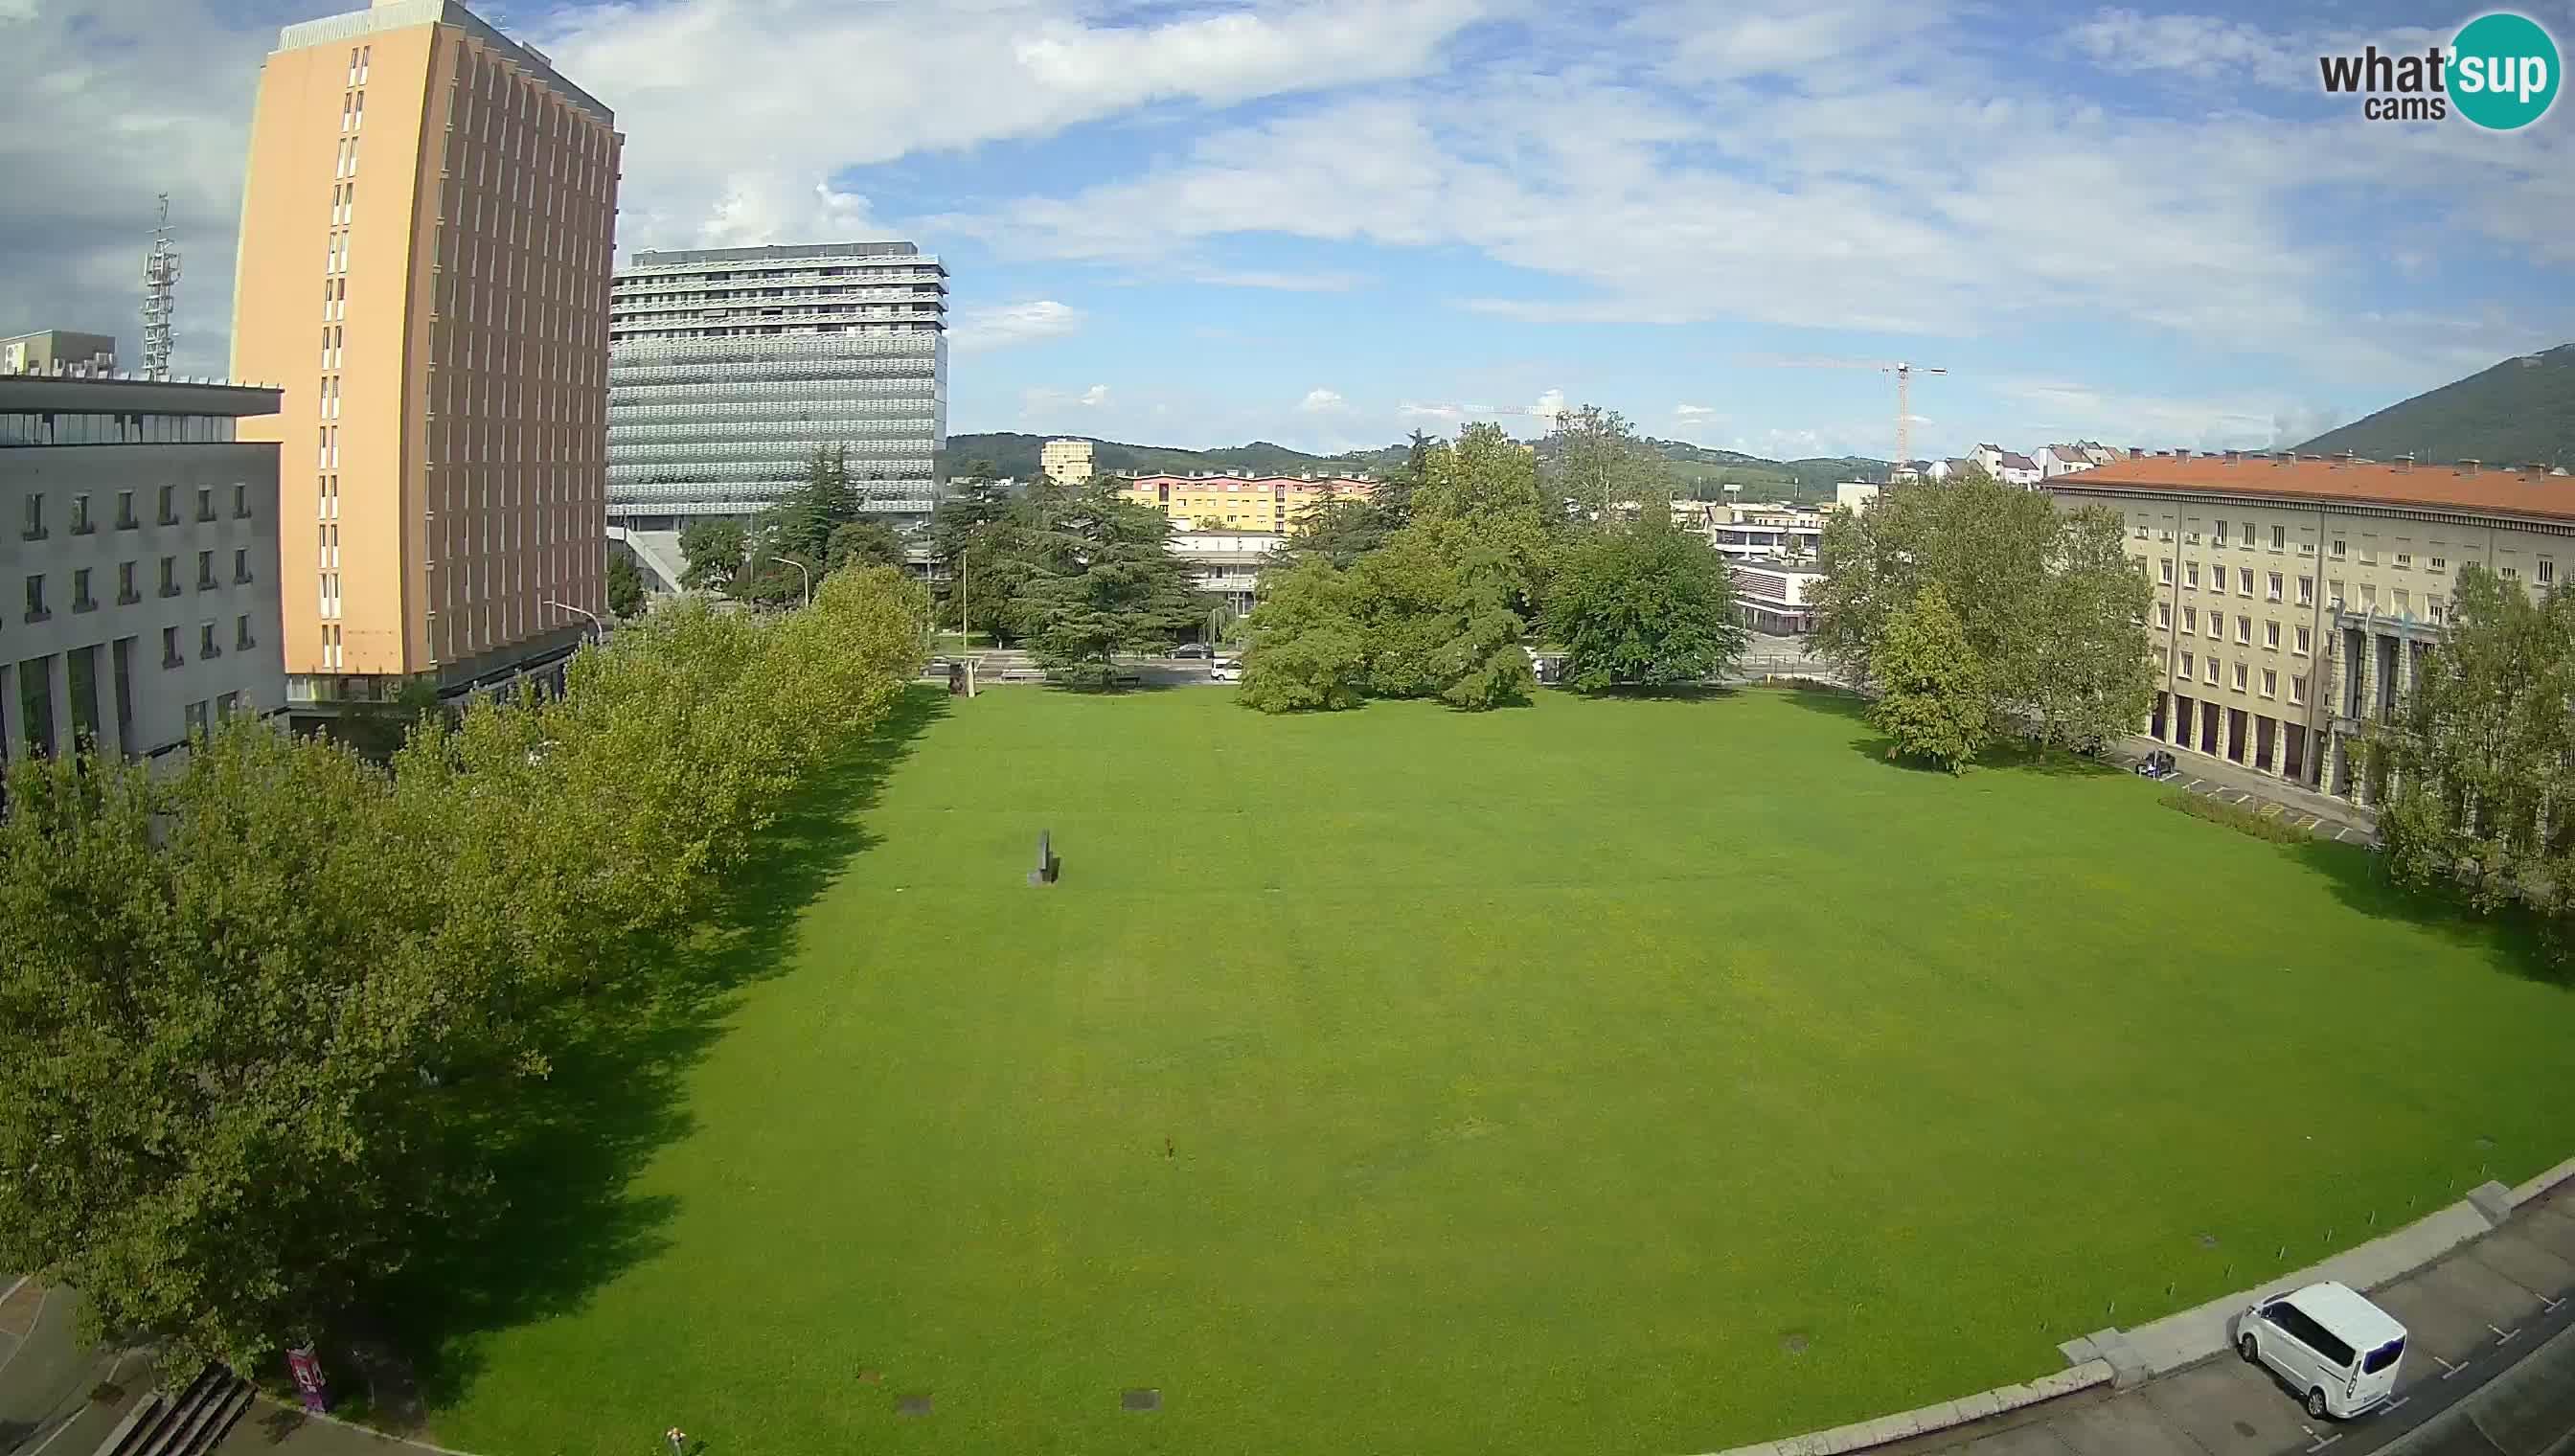 V Živo Nova Gorica Spletna kamera – Trg Edvarda Kardelja